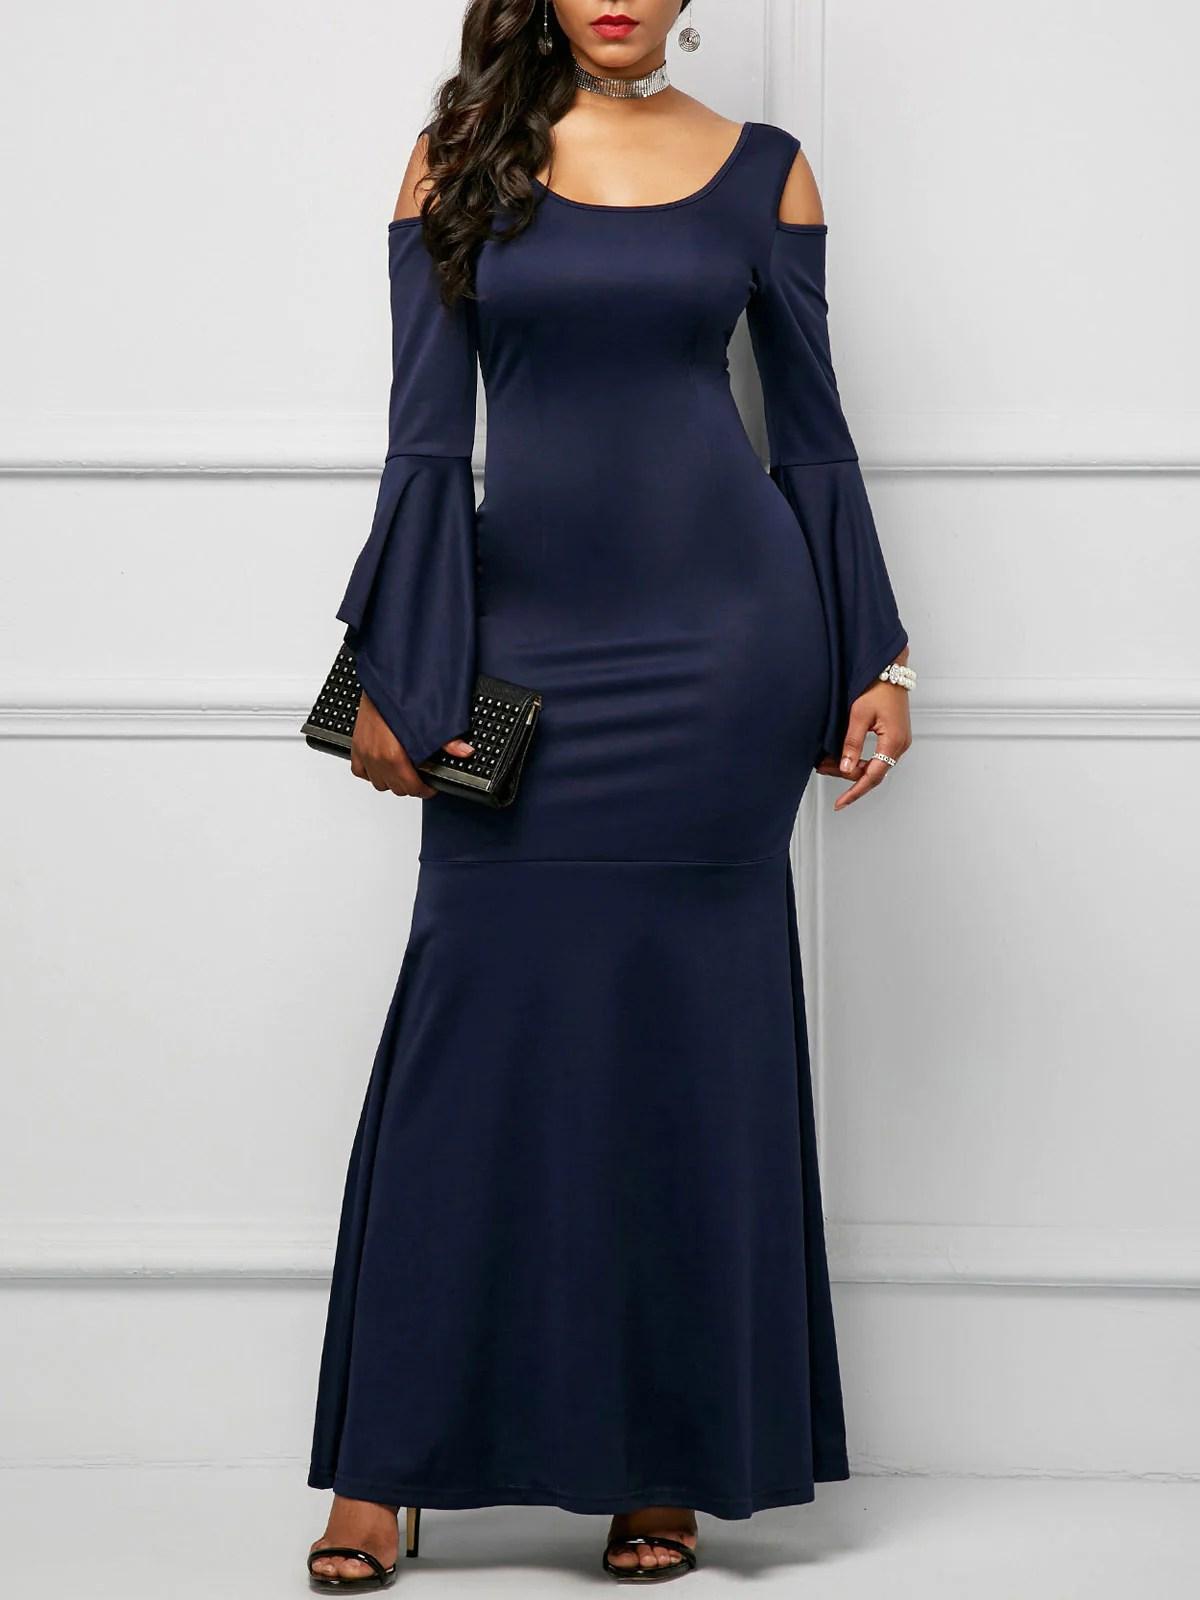 Solid Color Flare Sleeve Cold Shoulder Maxi Dress Rikkishop